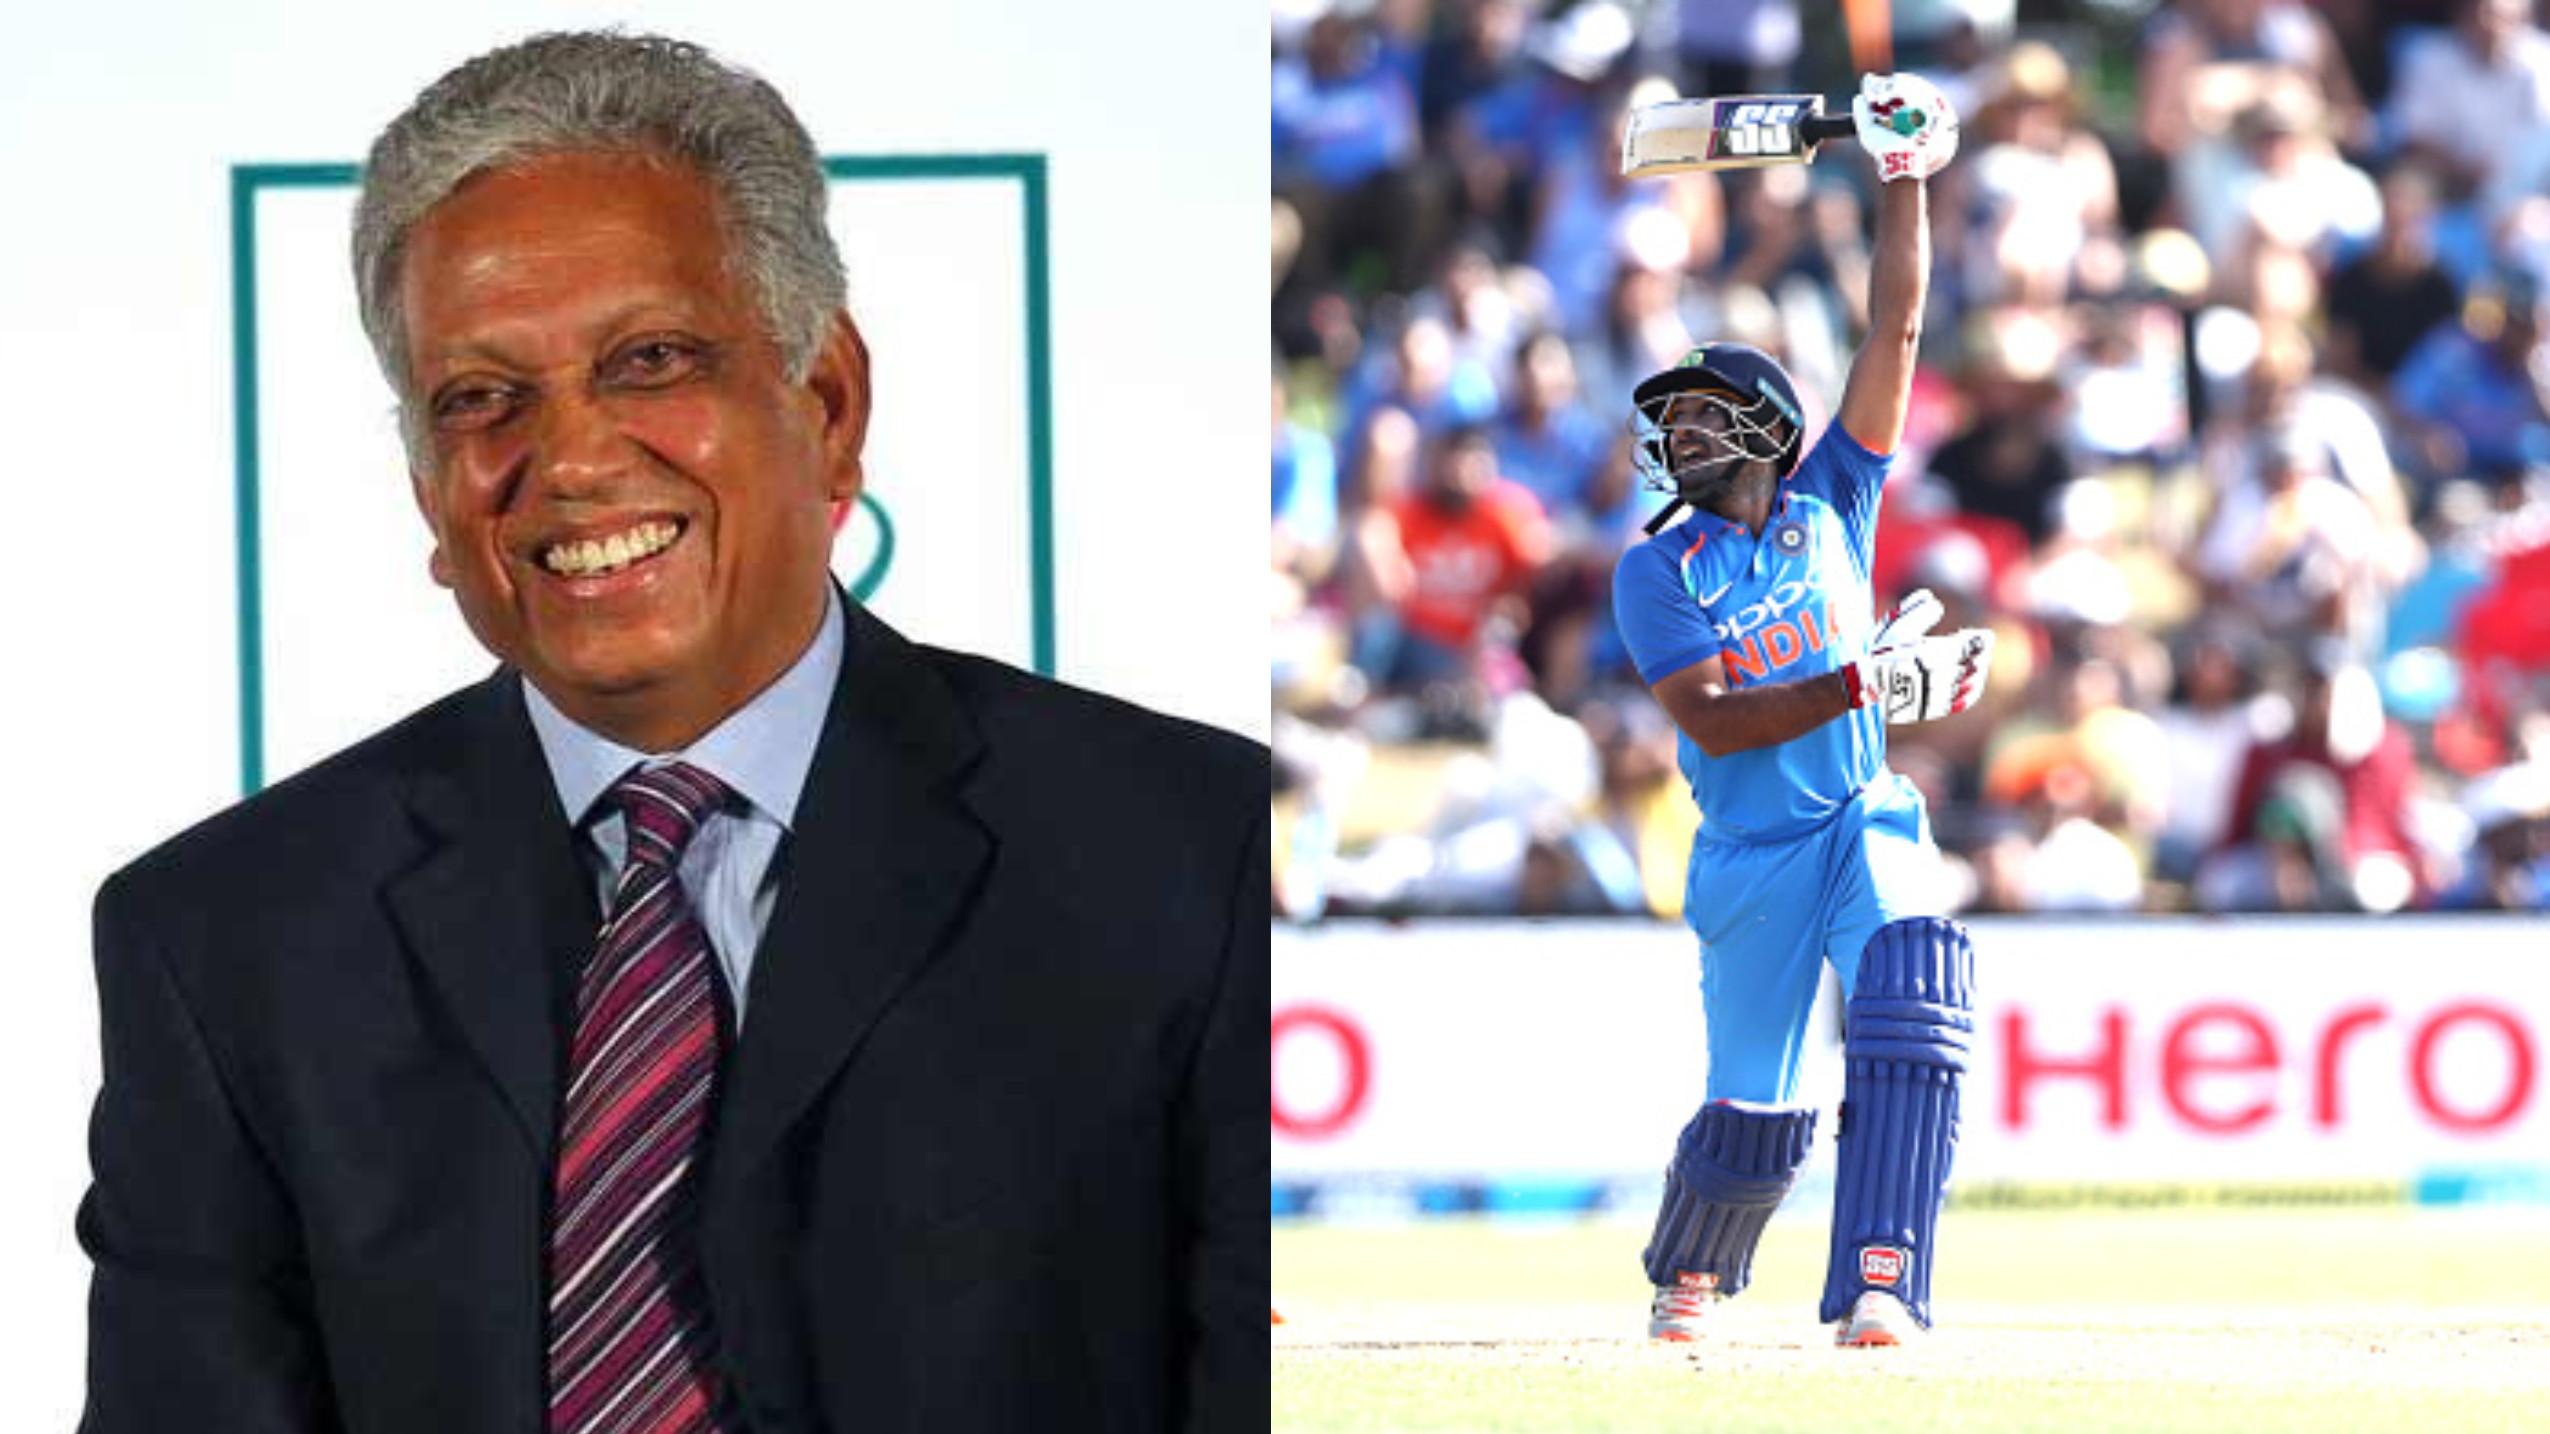 NZ v IND 2019 : अंबाती रायडू के प्रदर्शन ने मोहिंदर अमरनाथ को 1983 विश्व कप में कपिल देव की पारी की दिलाई याद